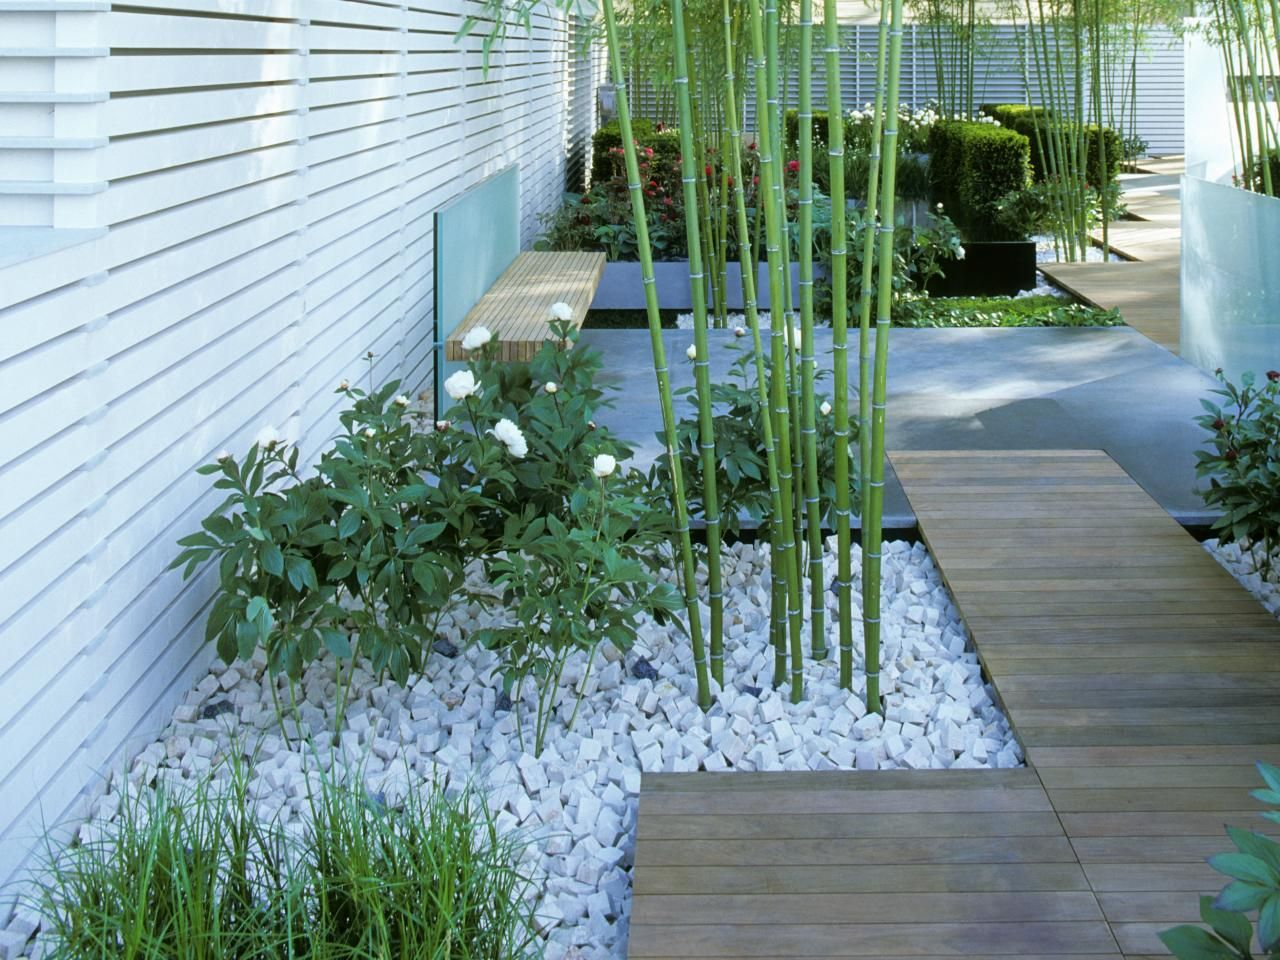 Imagenes de jardines minimalistas usando piedras Terrazas